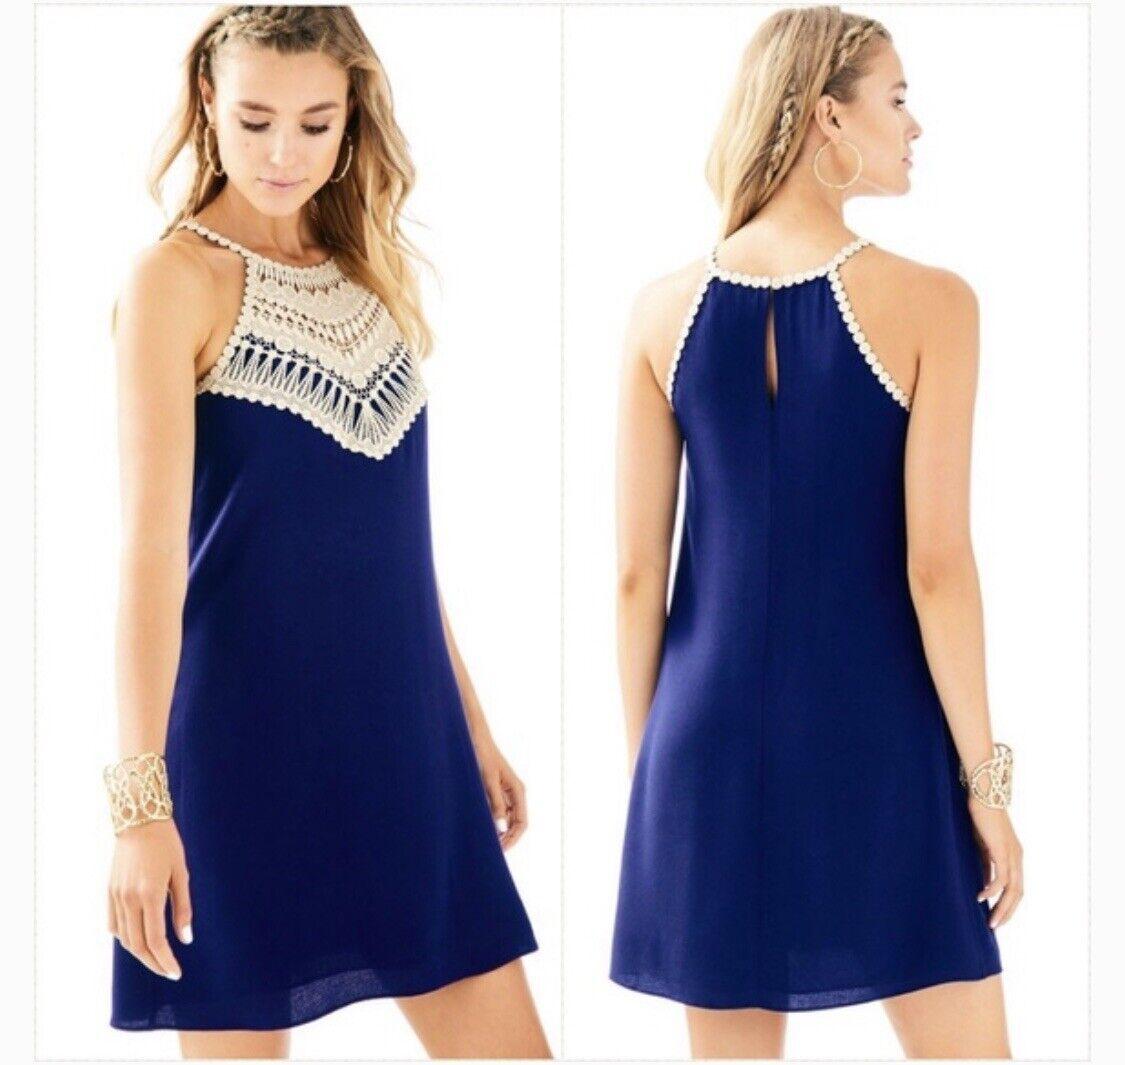 Nuevo con etiquetas  LILLY PULITZER Perla Suave Cambio Vestido Verdadero Azul Marino Talla  2  178  tienda en linea